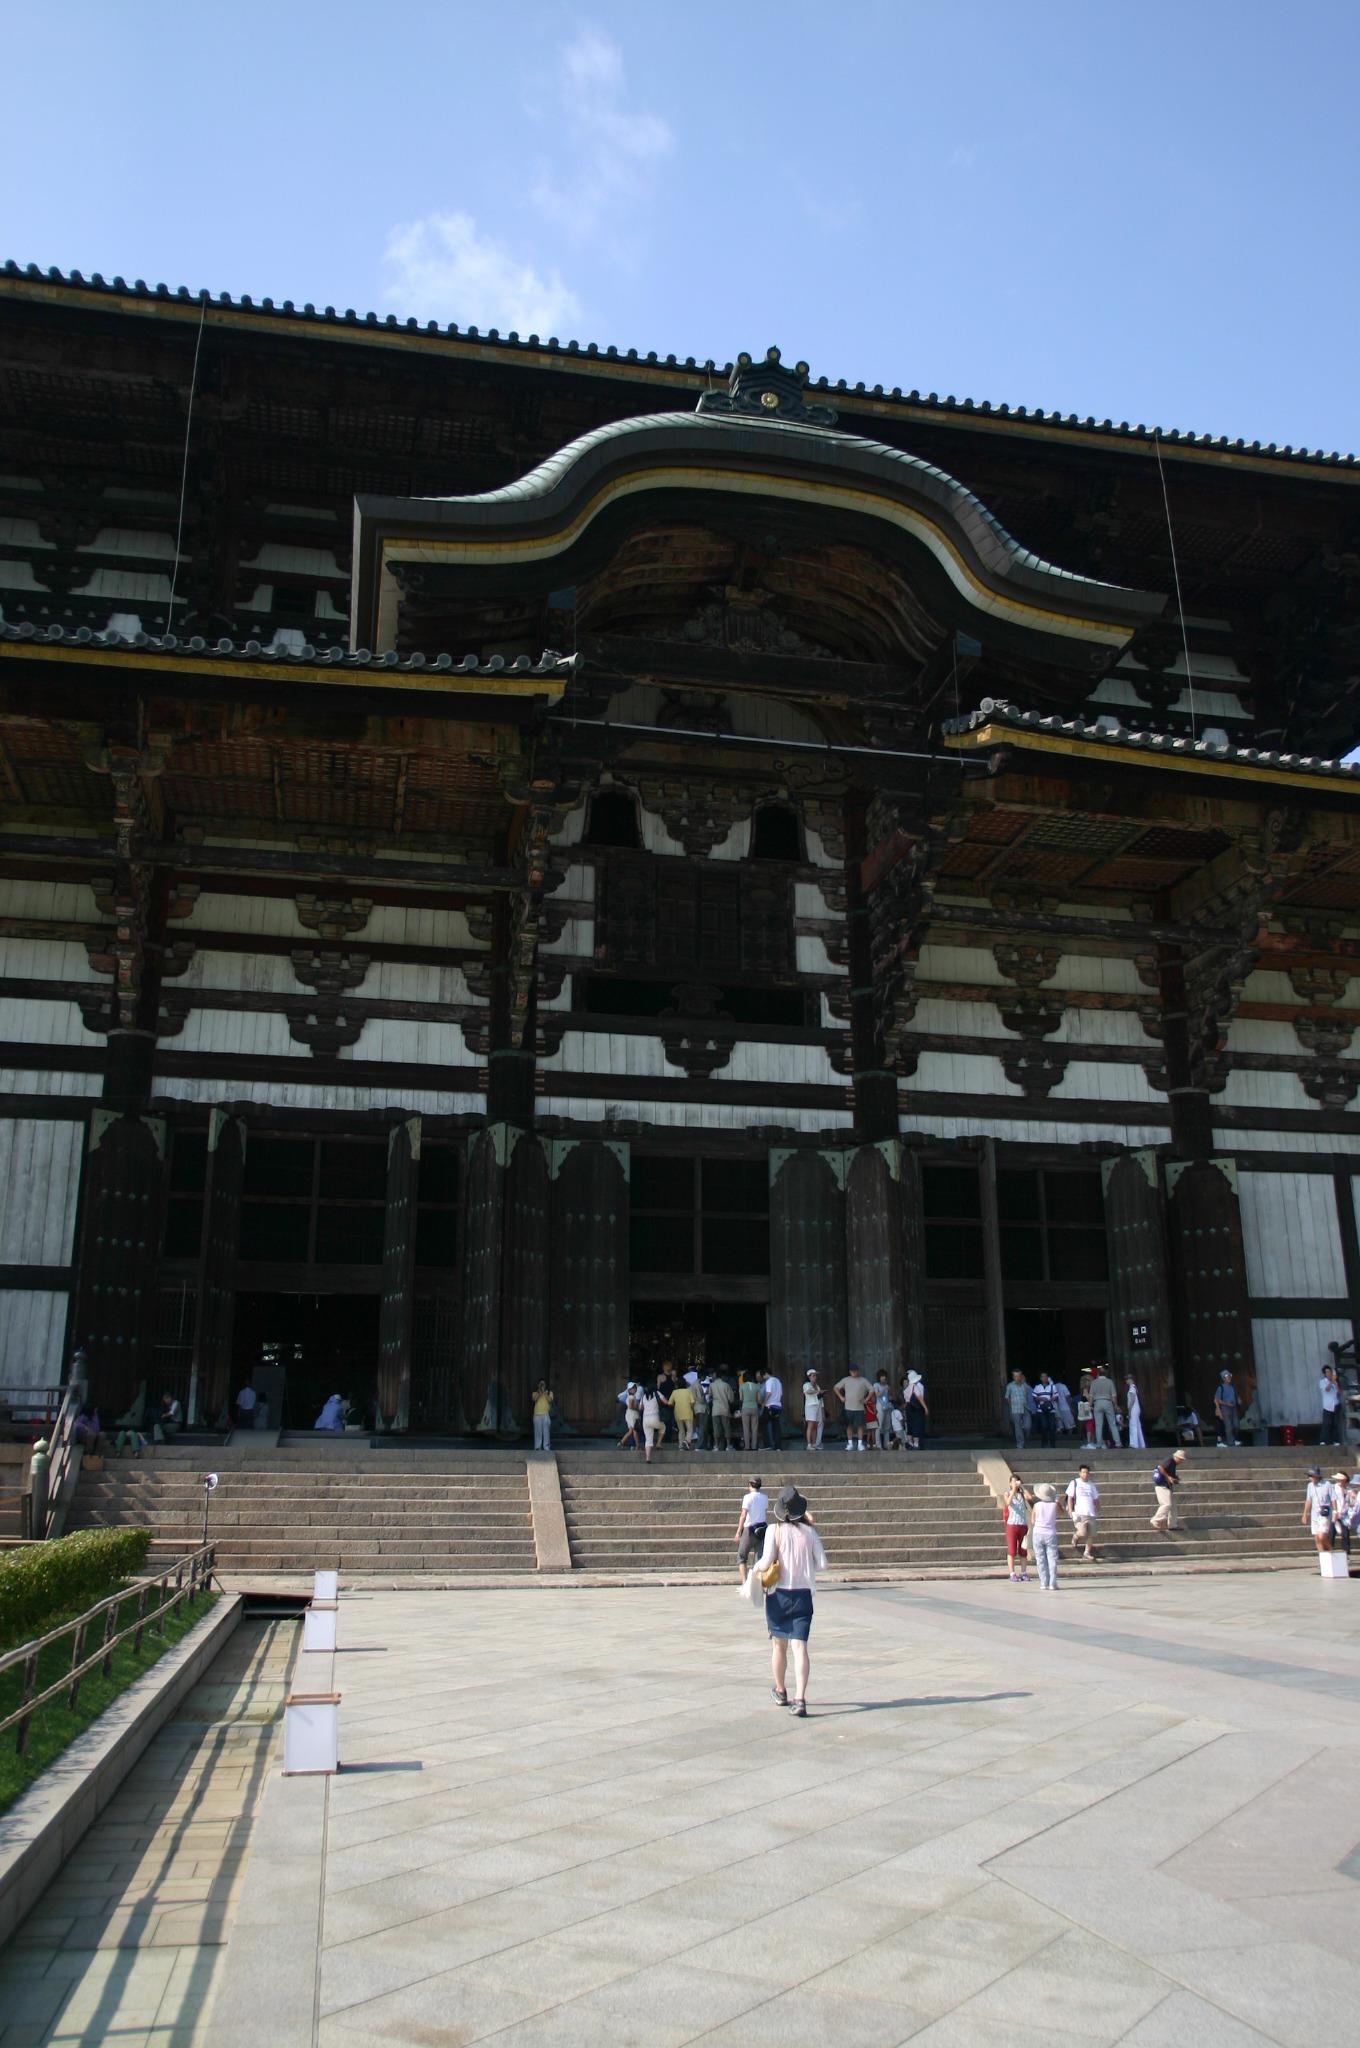 東大寺の大仏殿を近くから